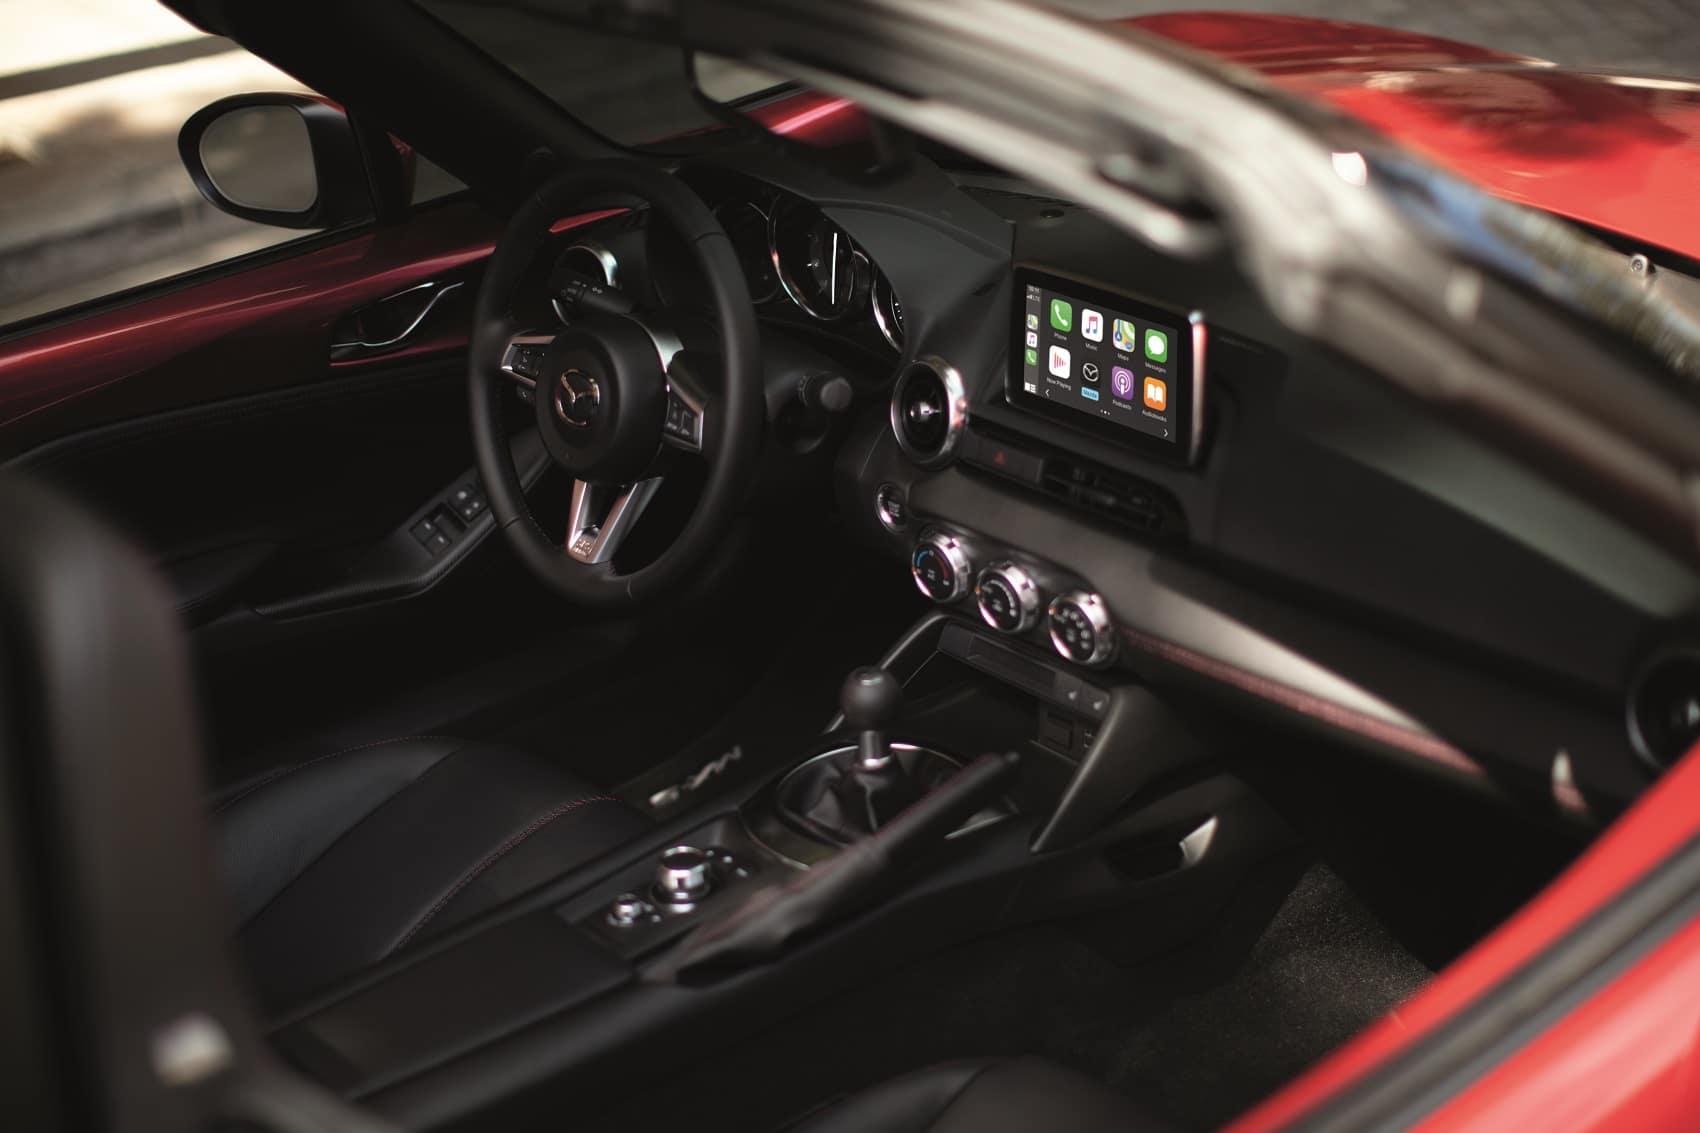 Connective interior with the Mazda MX-5 Miata